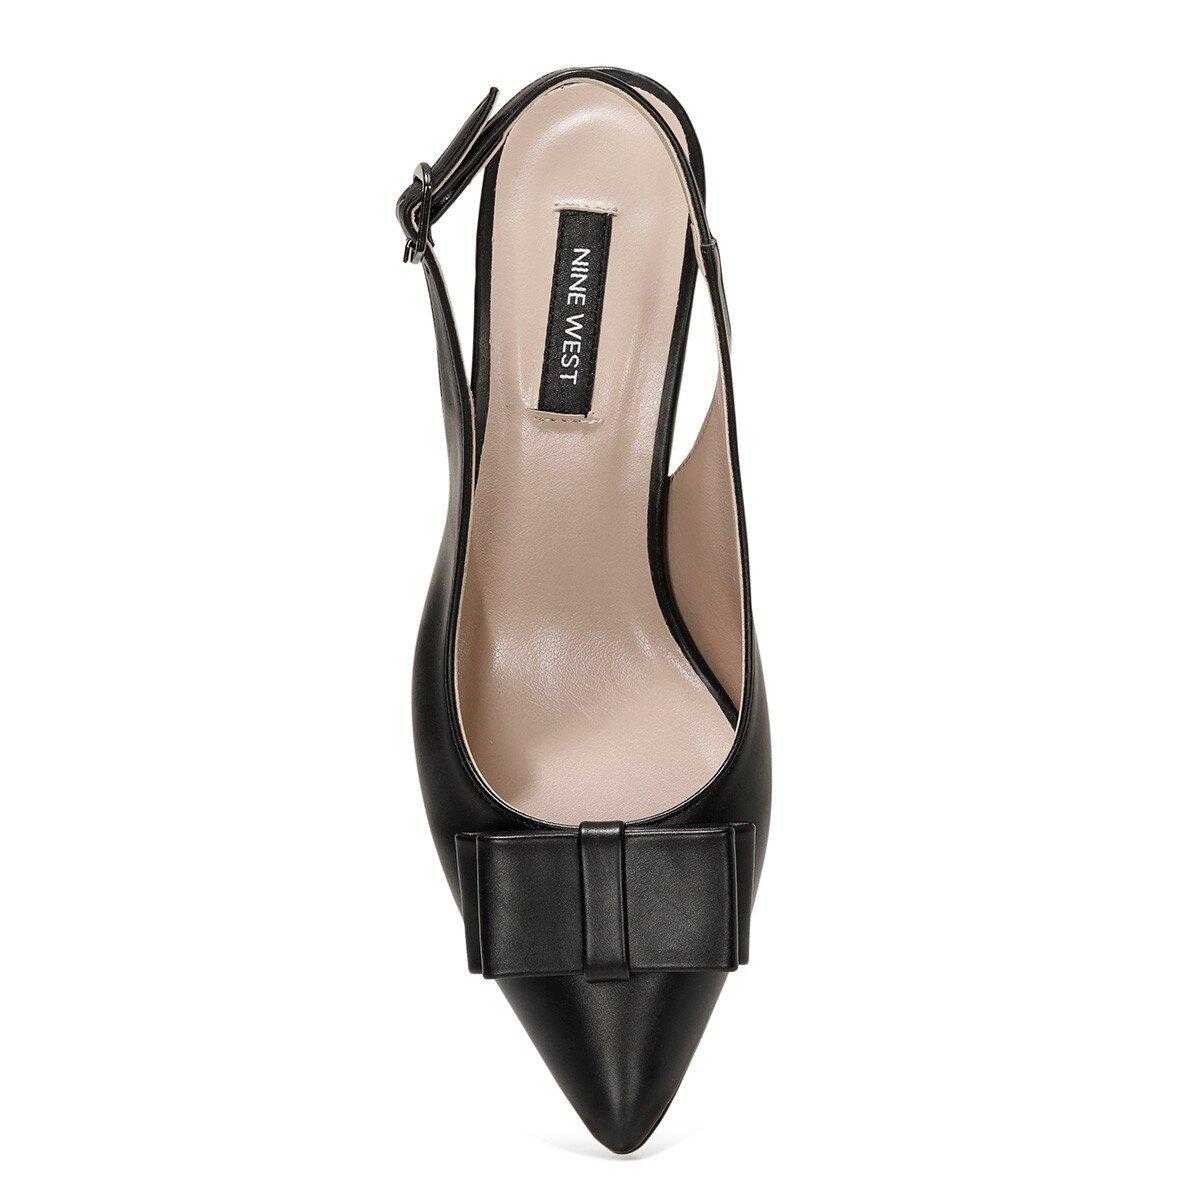 FEMMAN 1FX Siyah Kadın Gova Ayakkabı